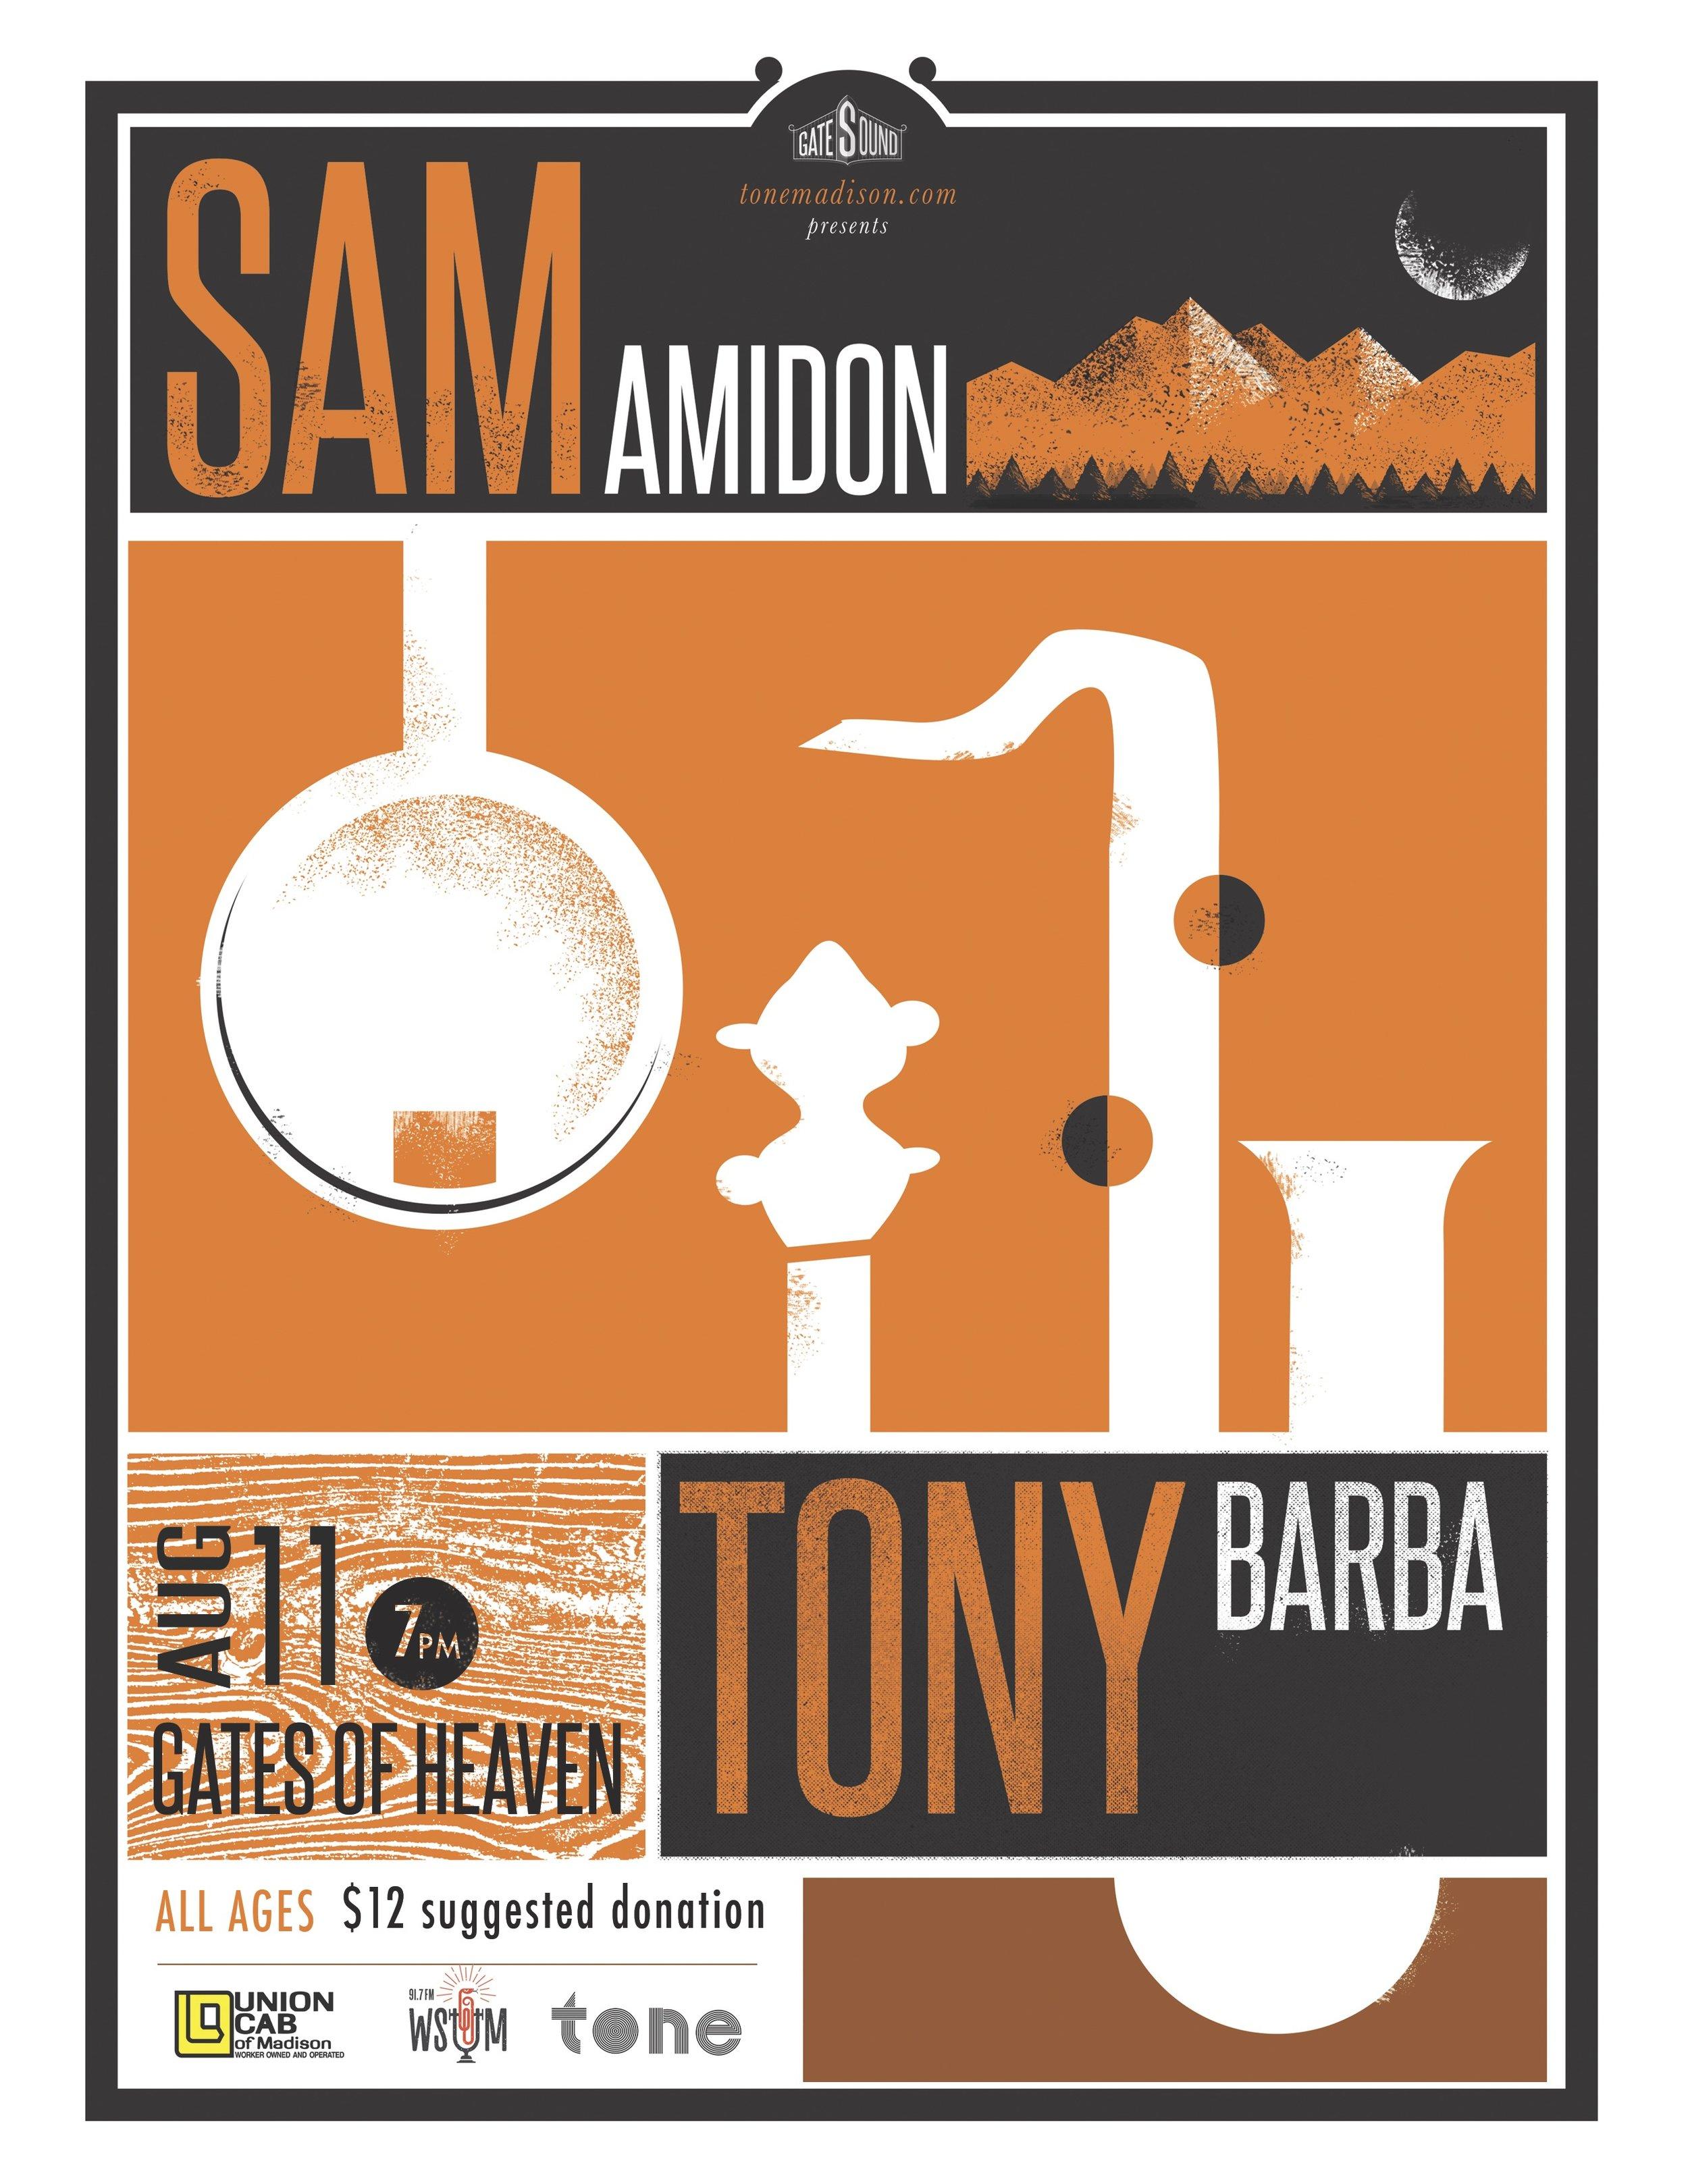 8/9/2016: Sam Amidon, Tony Barba